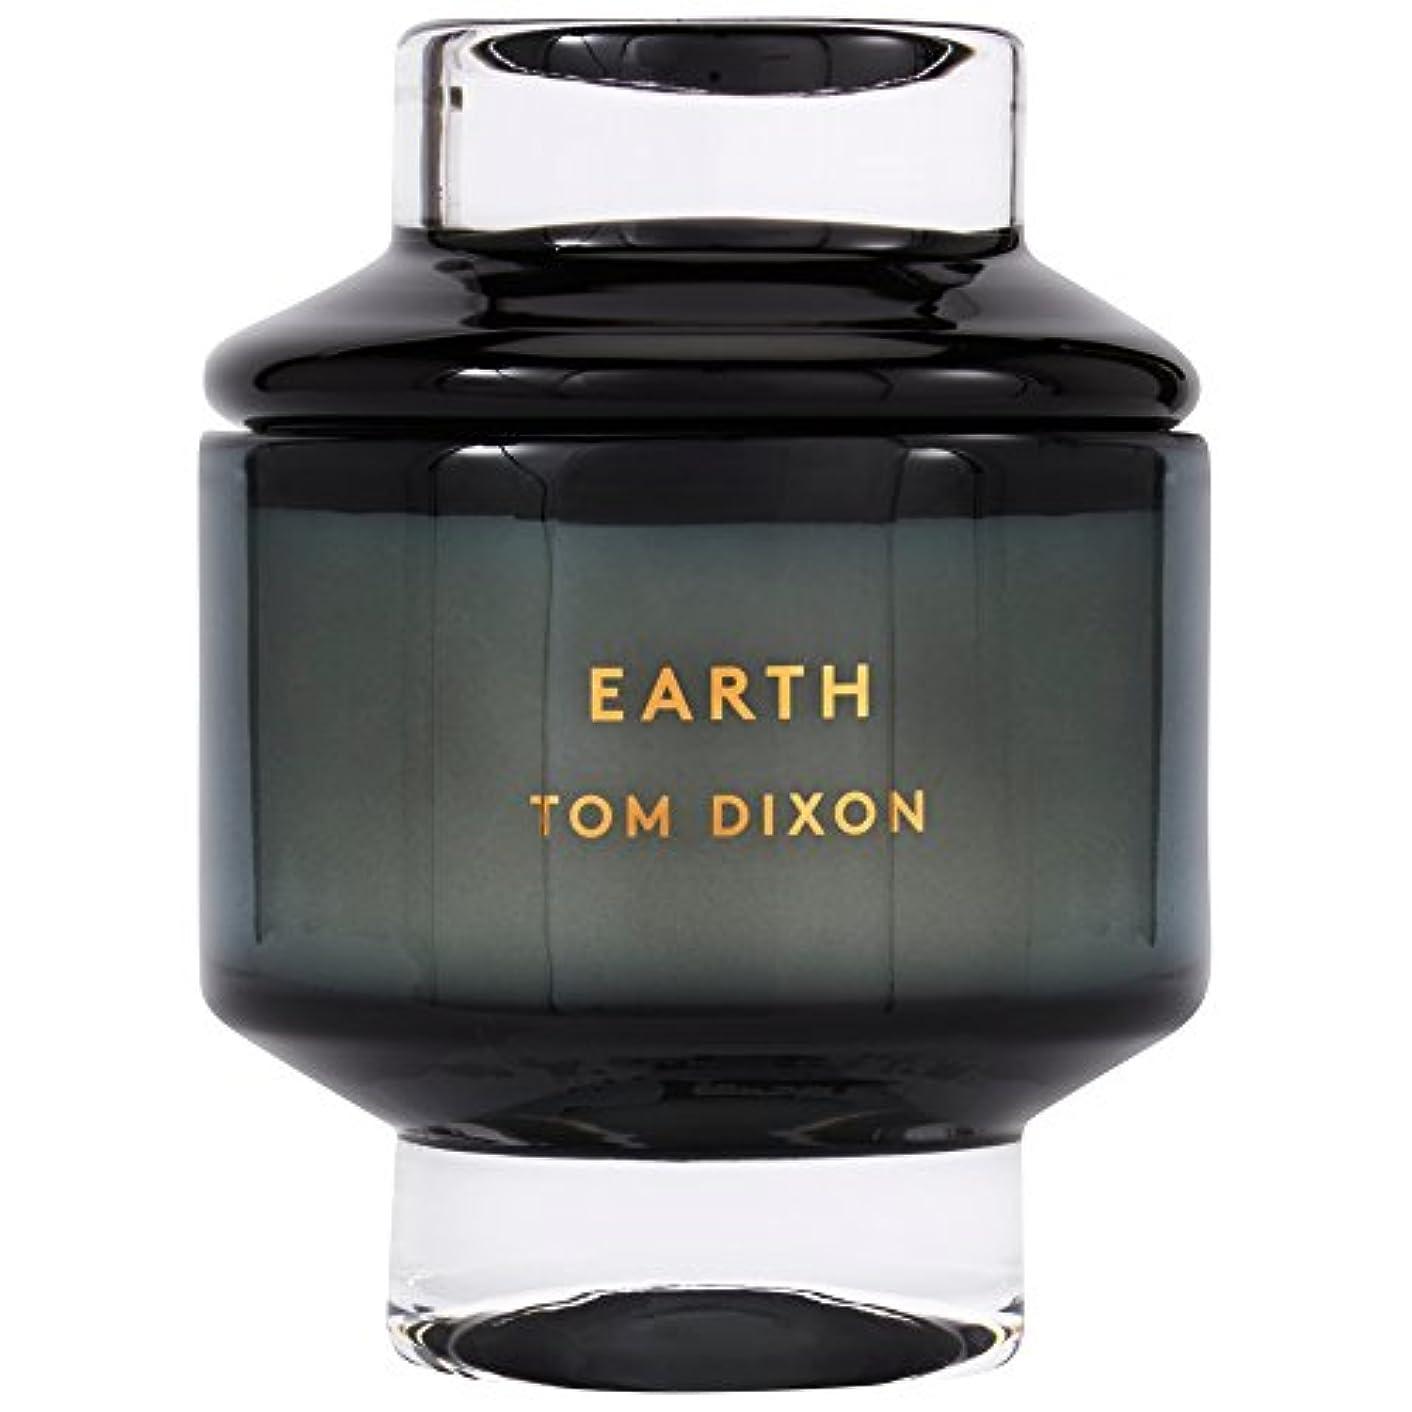 薬用図舗装Tom Dixon Earth Scented Candle Large - トムディクソン地球大の香りのキャンドル [並行輸入品]